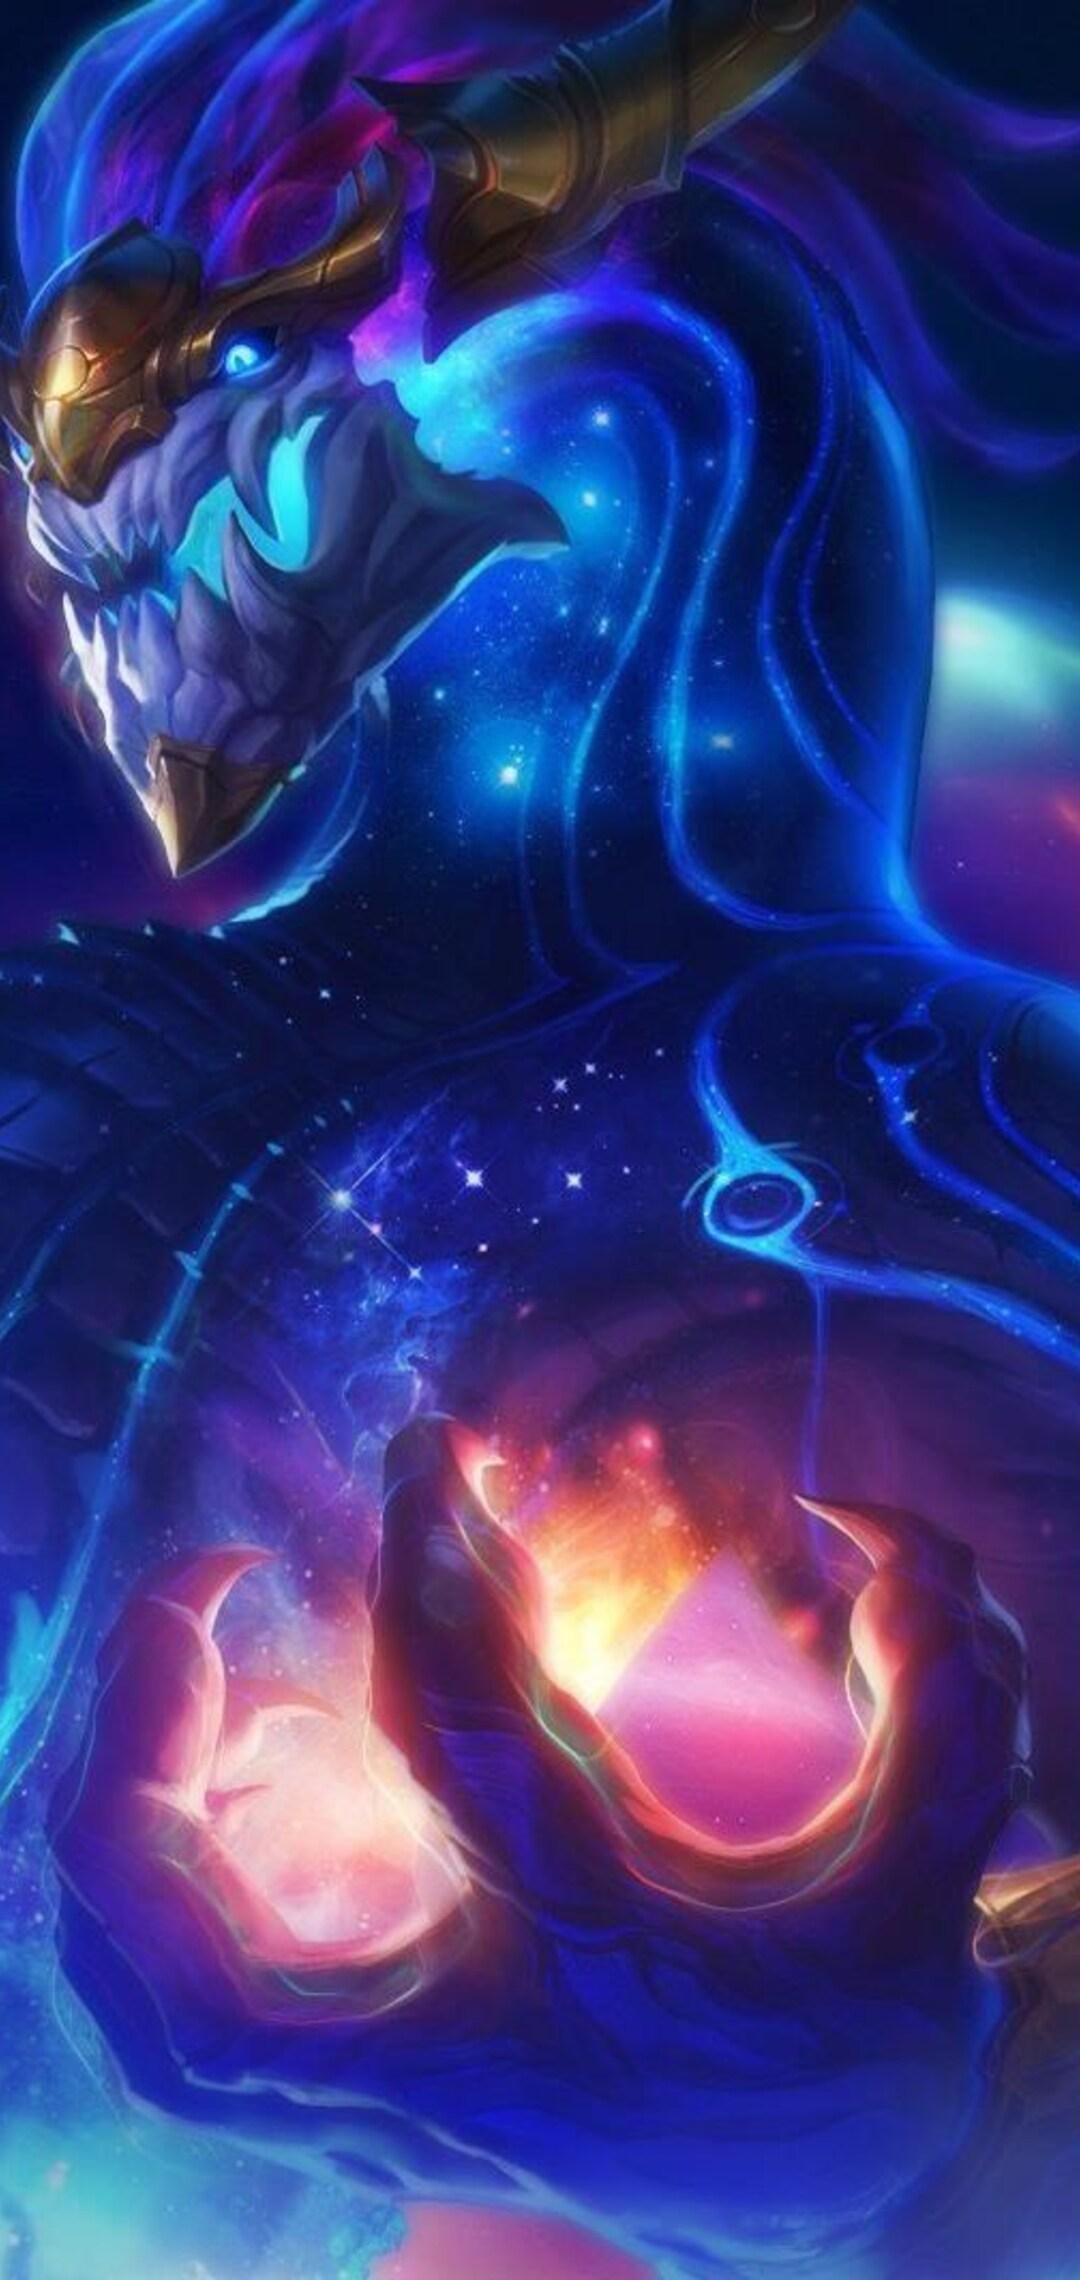 1080x2280 Aurelion Sol League Of Legends One Plus 6huawei P20honor